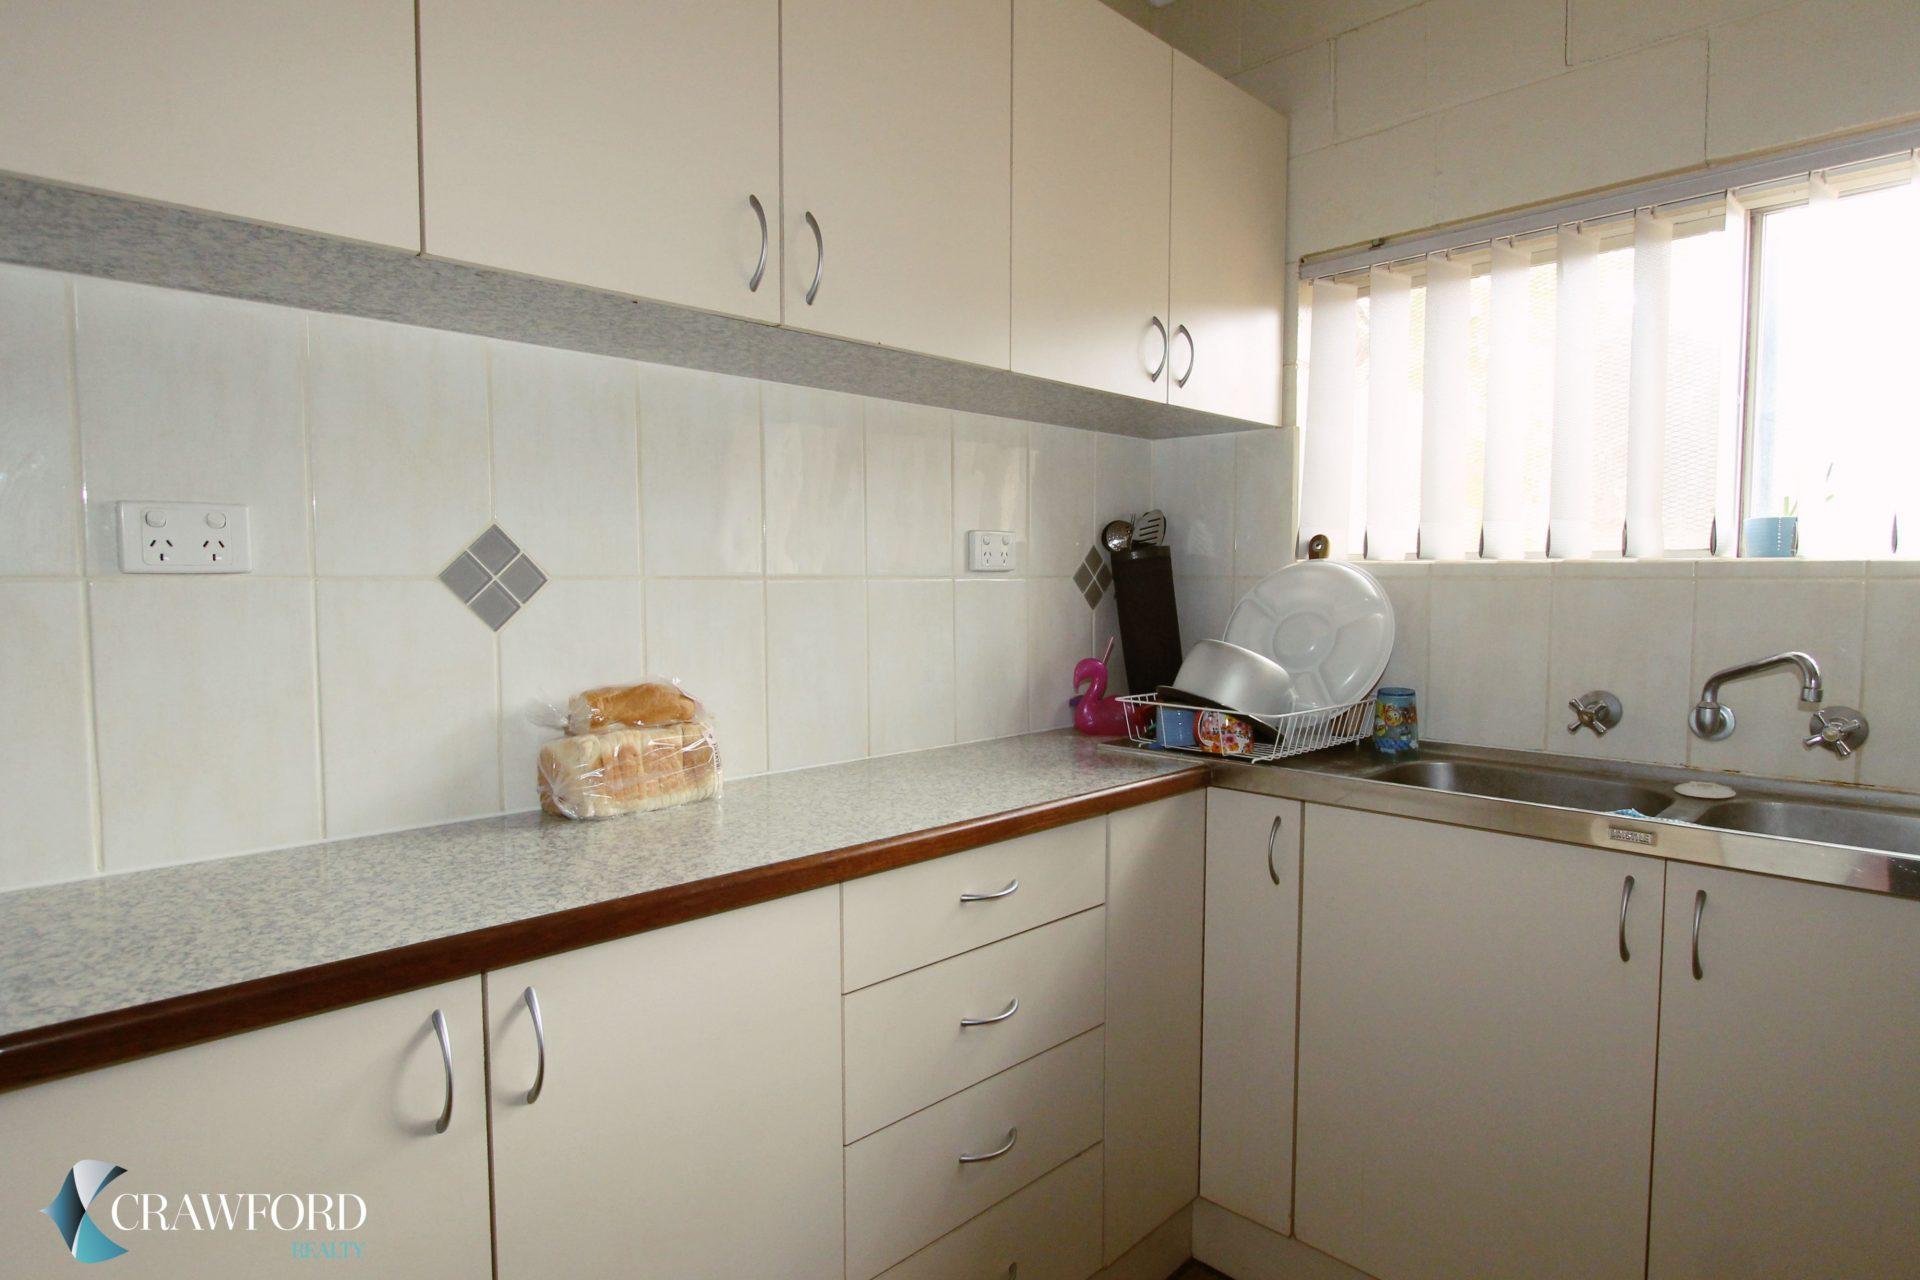 Kitchen-2-_6412008335_20190125061748_original